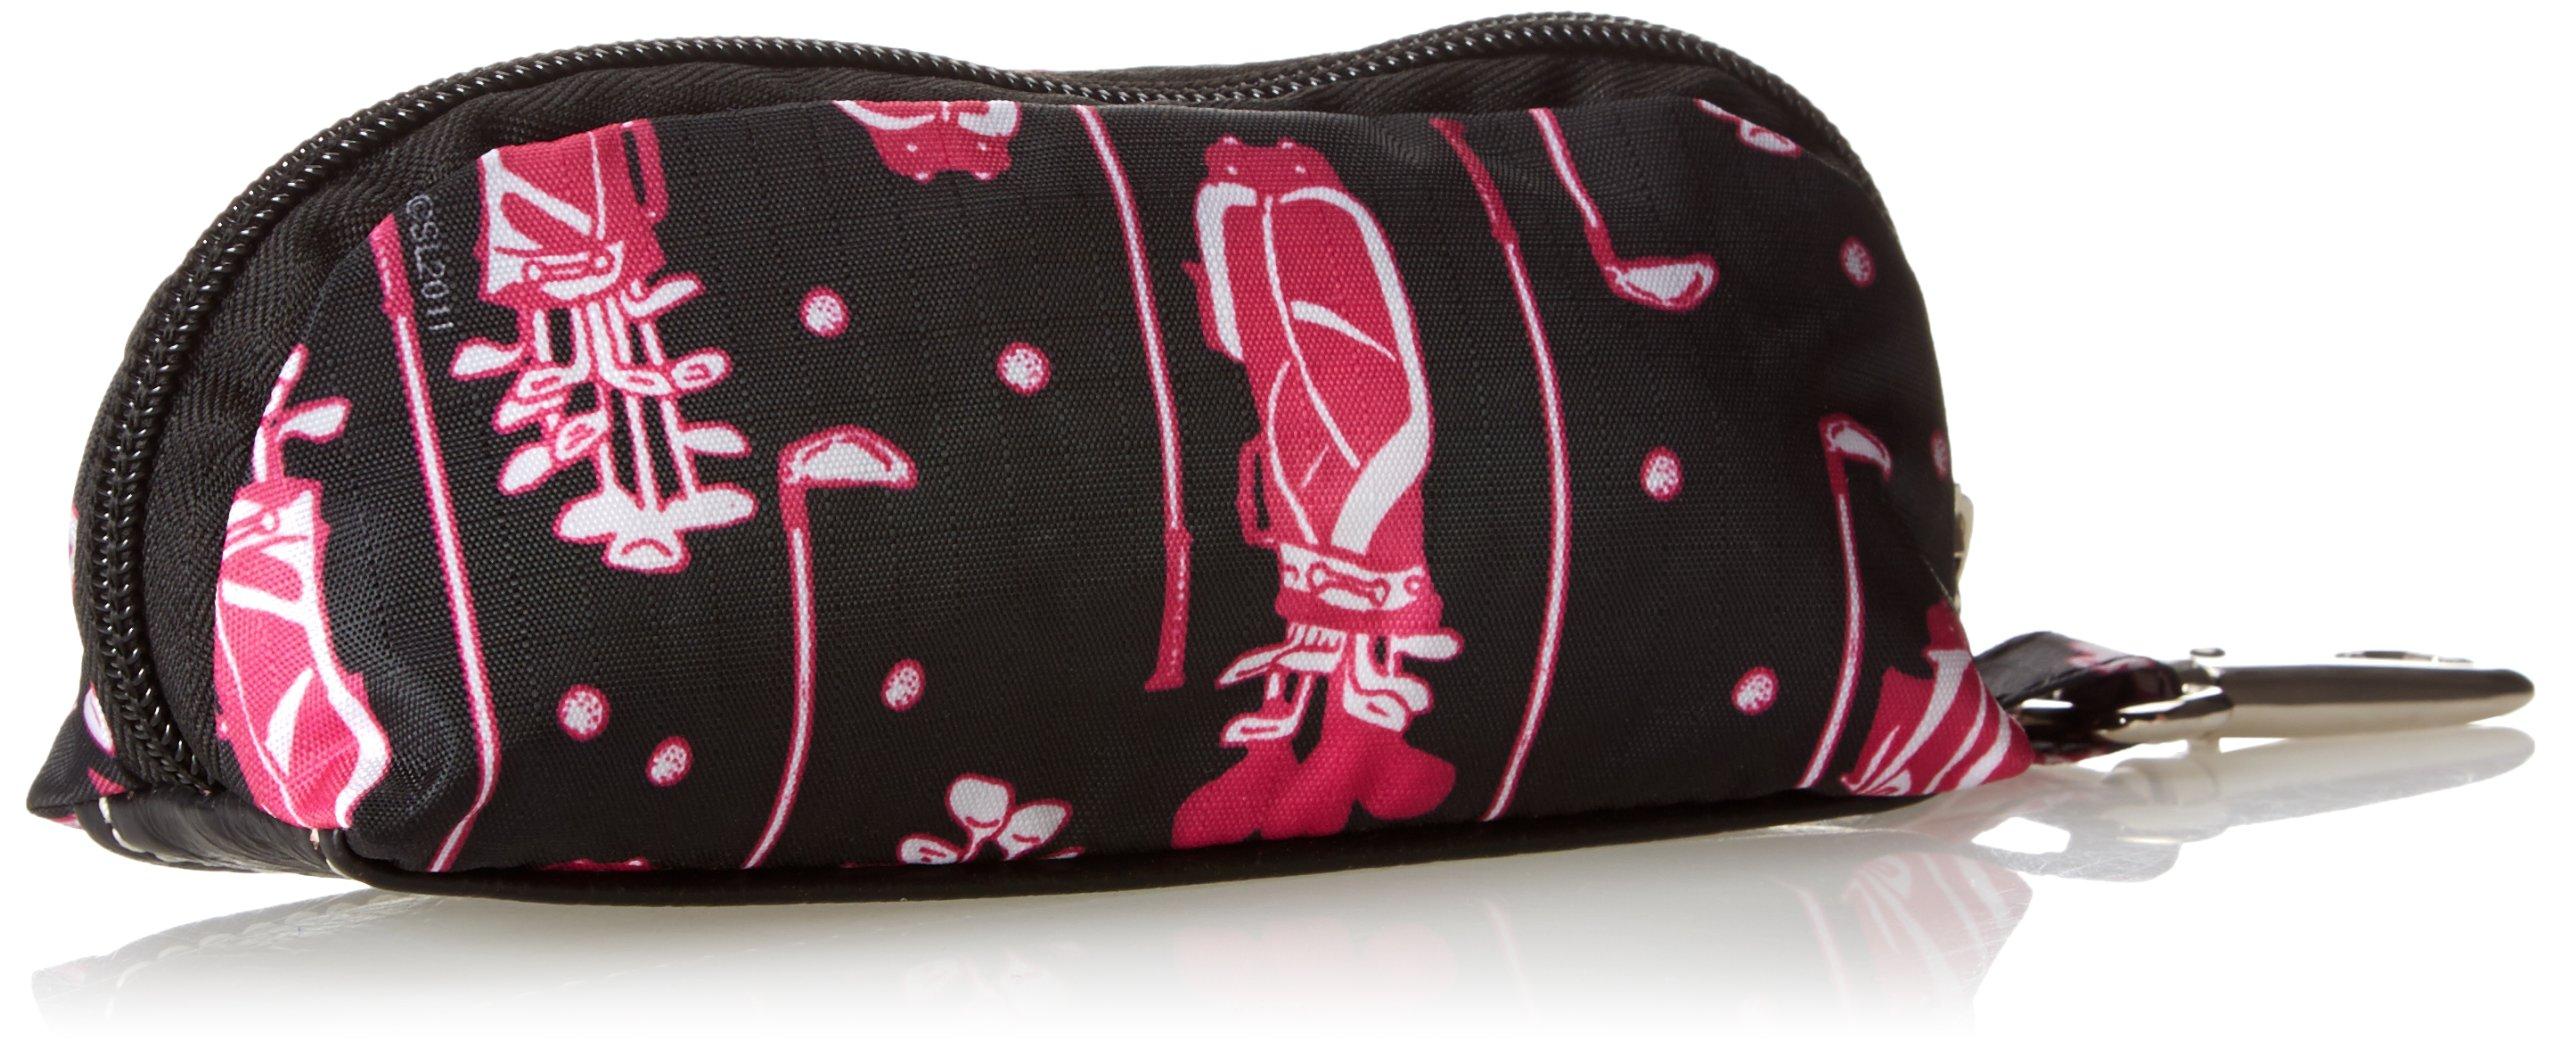 Sydney Love Fuchsia Golf Three Golf Ball Cosmetic Case,Multi,One Size by Sydney Love (Image #2)